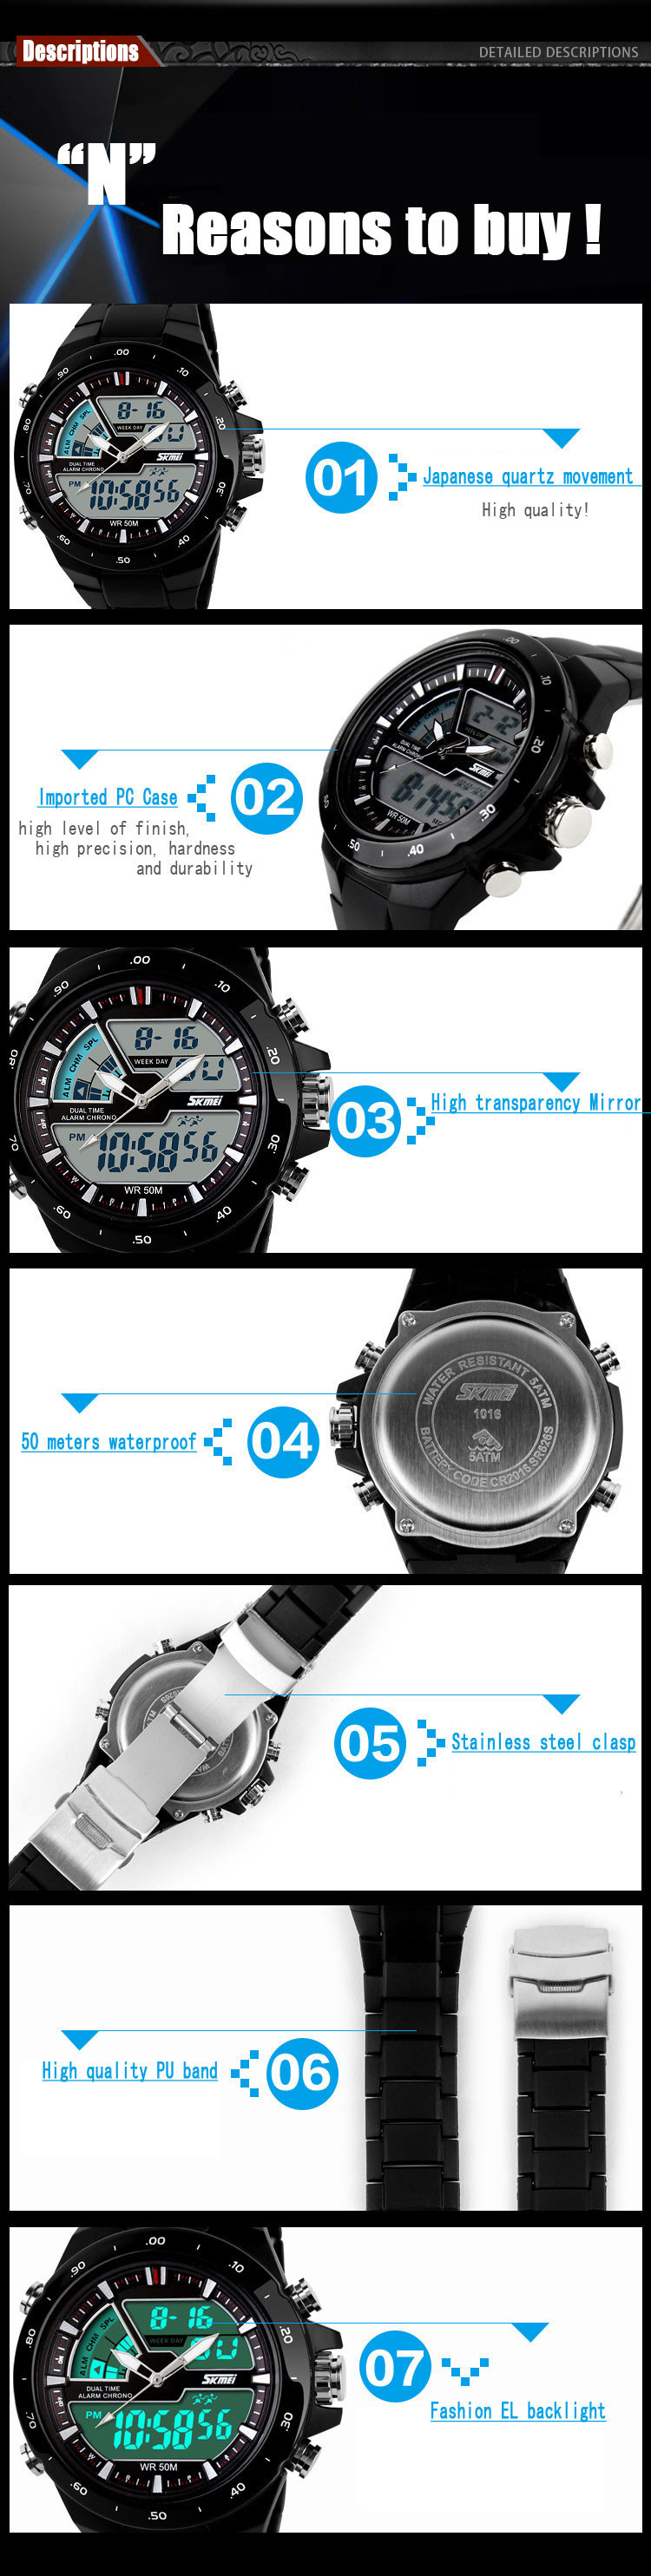 Чоловічий годинник SKMEI водонепроникний, спортивний стиль, Dual Time G-shock